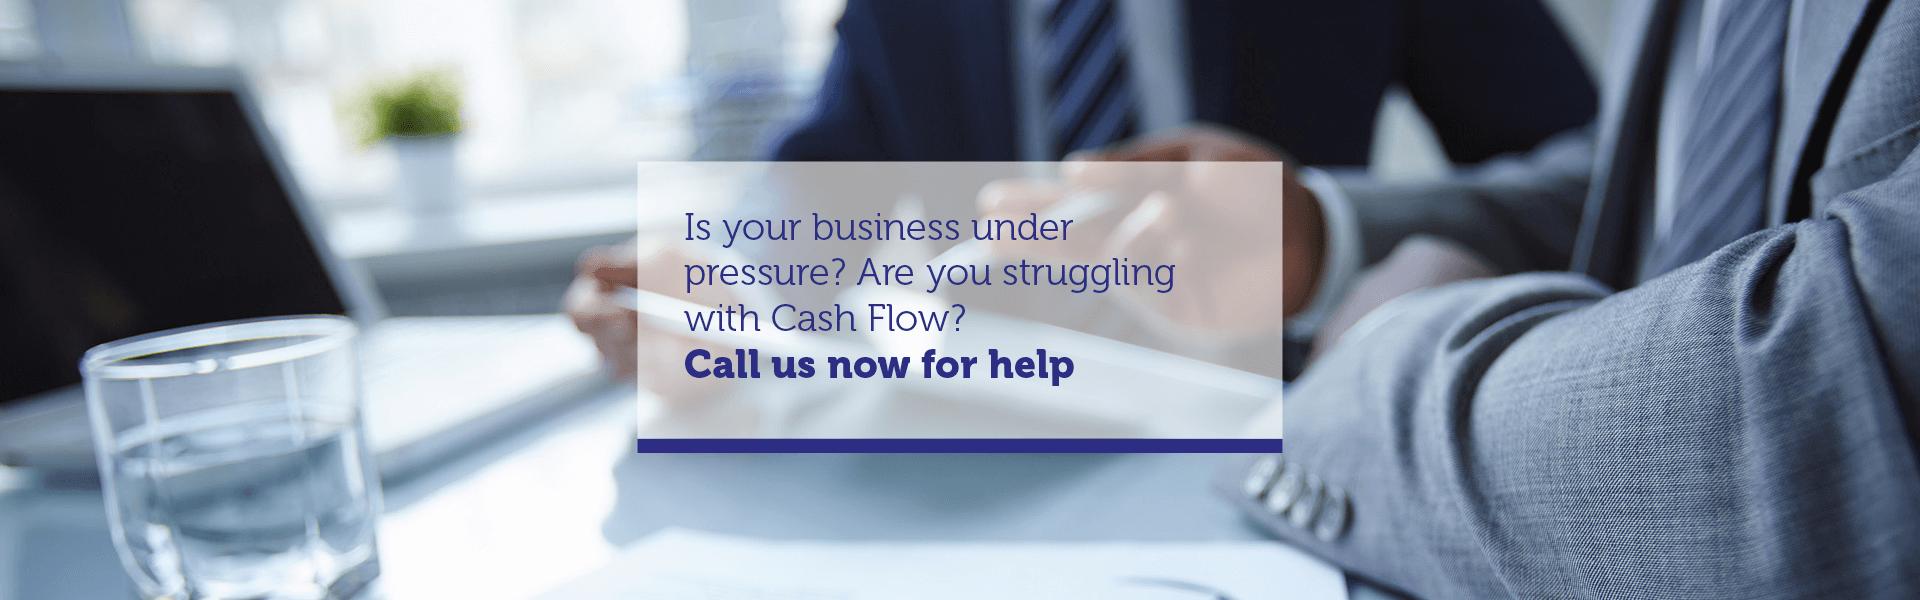 Cash Flow Business Pressure